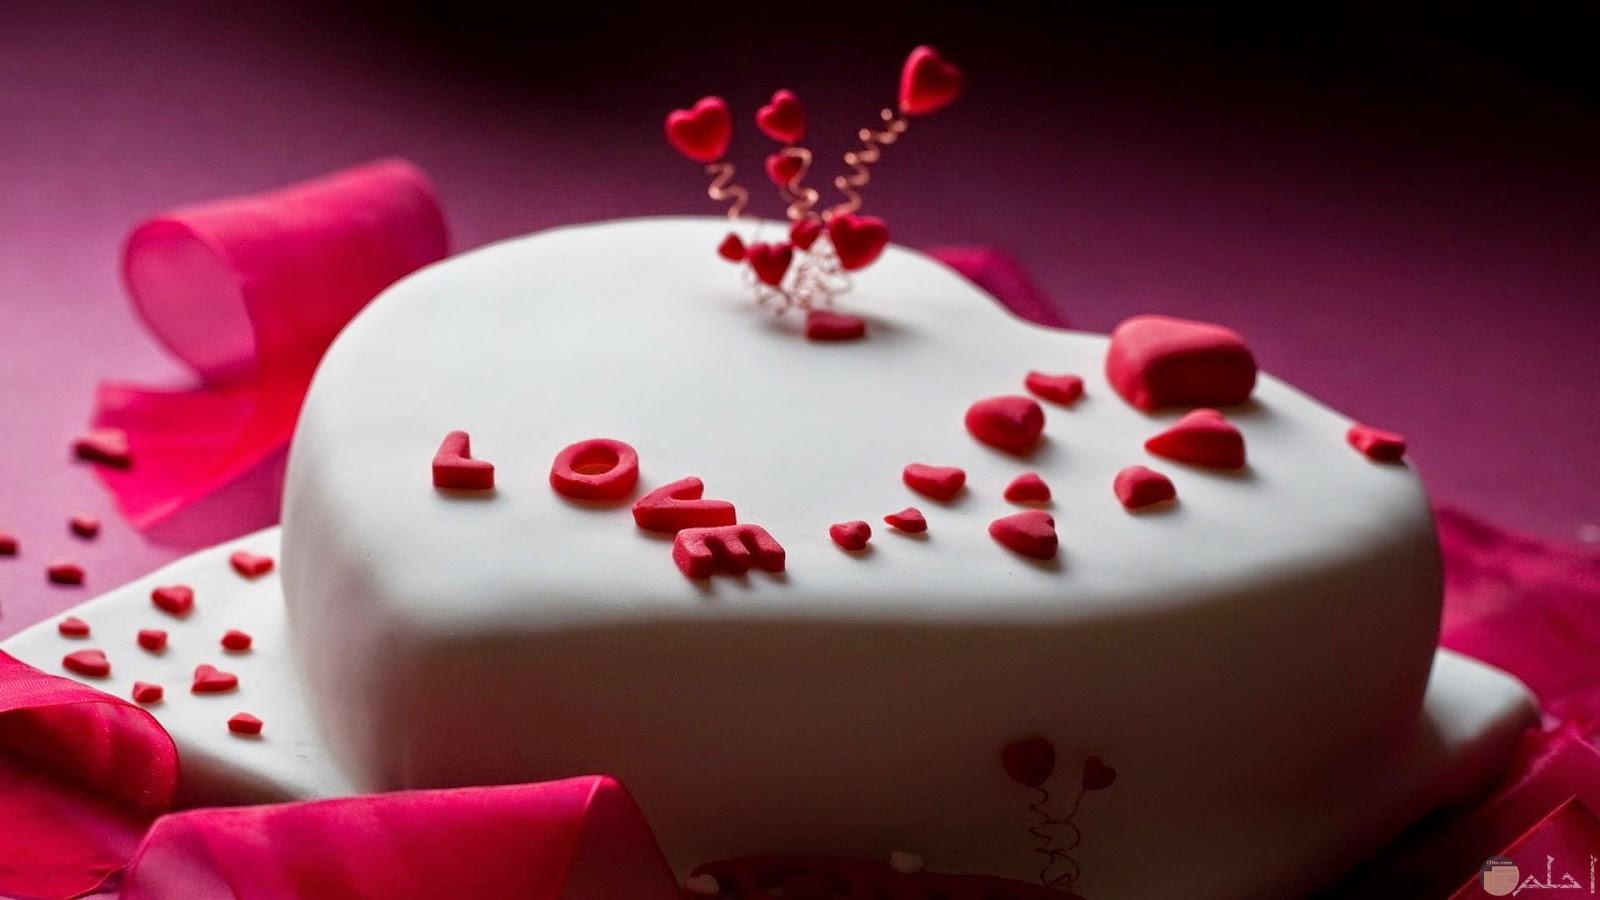 تورته كريمة بيضاء بها قلوب حمراء جميلة